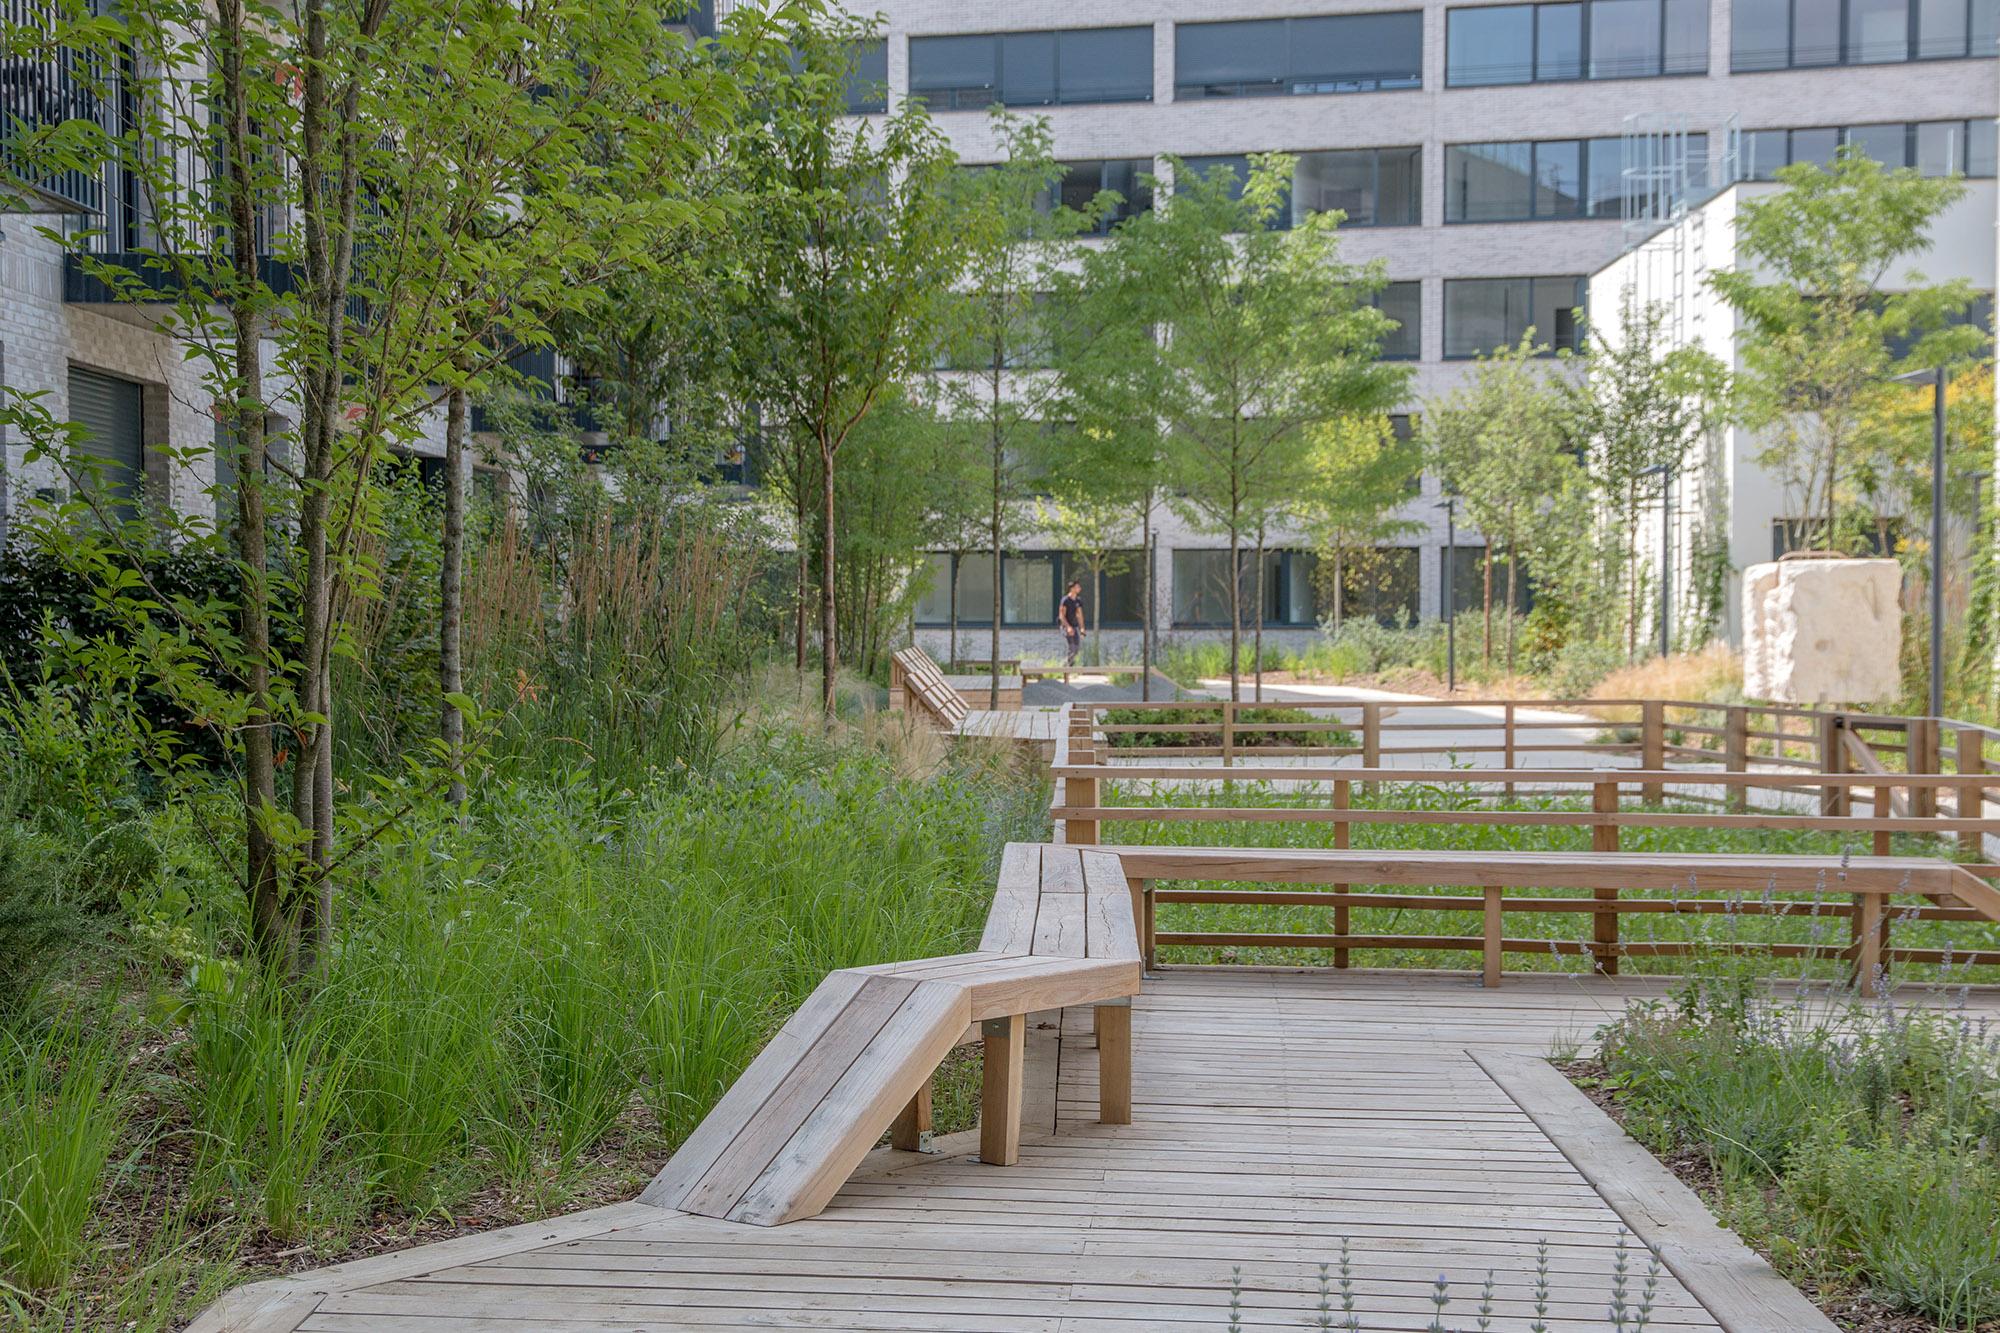 Le jardin communautaire et son deck - Gestion de l'intimisation - Opération - Pantin Canal - Emerige